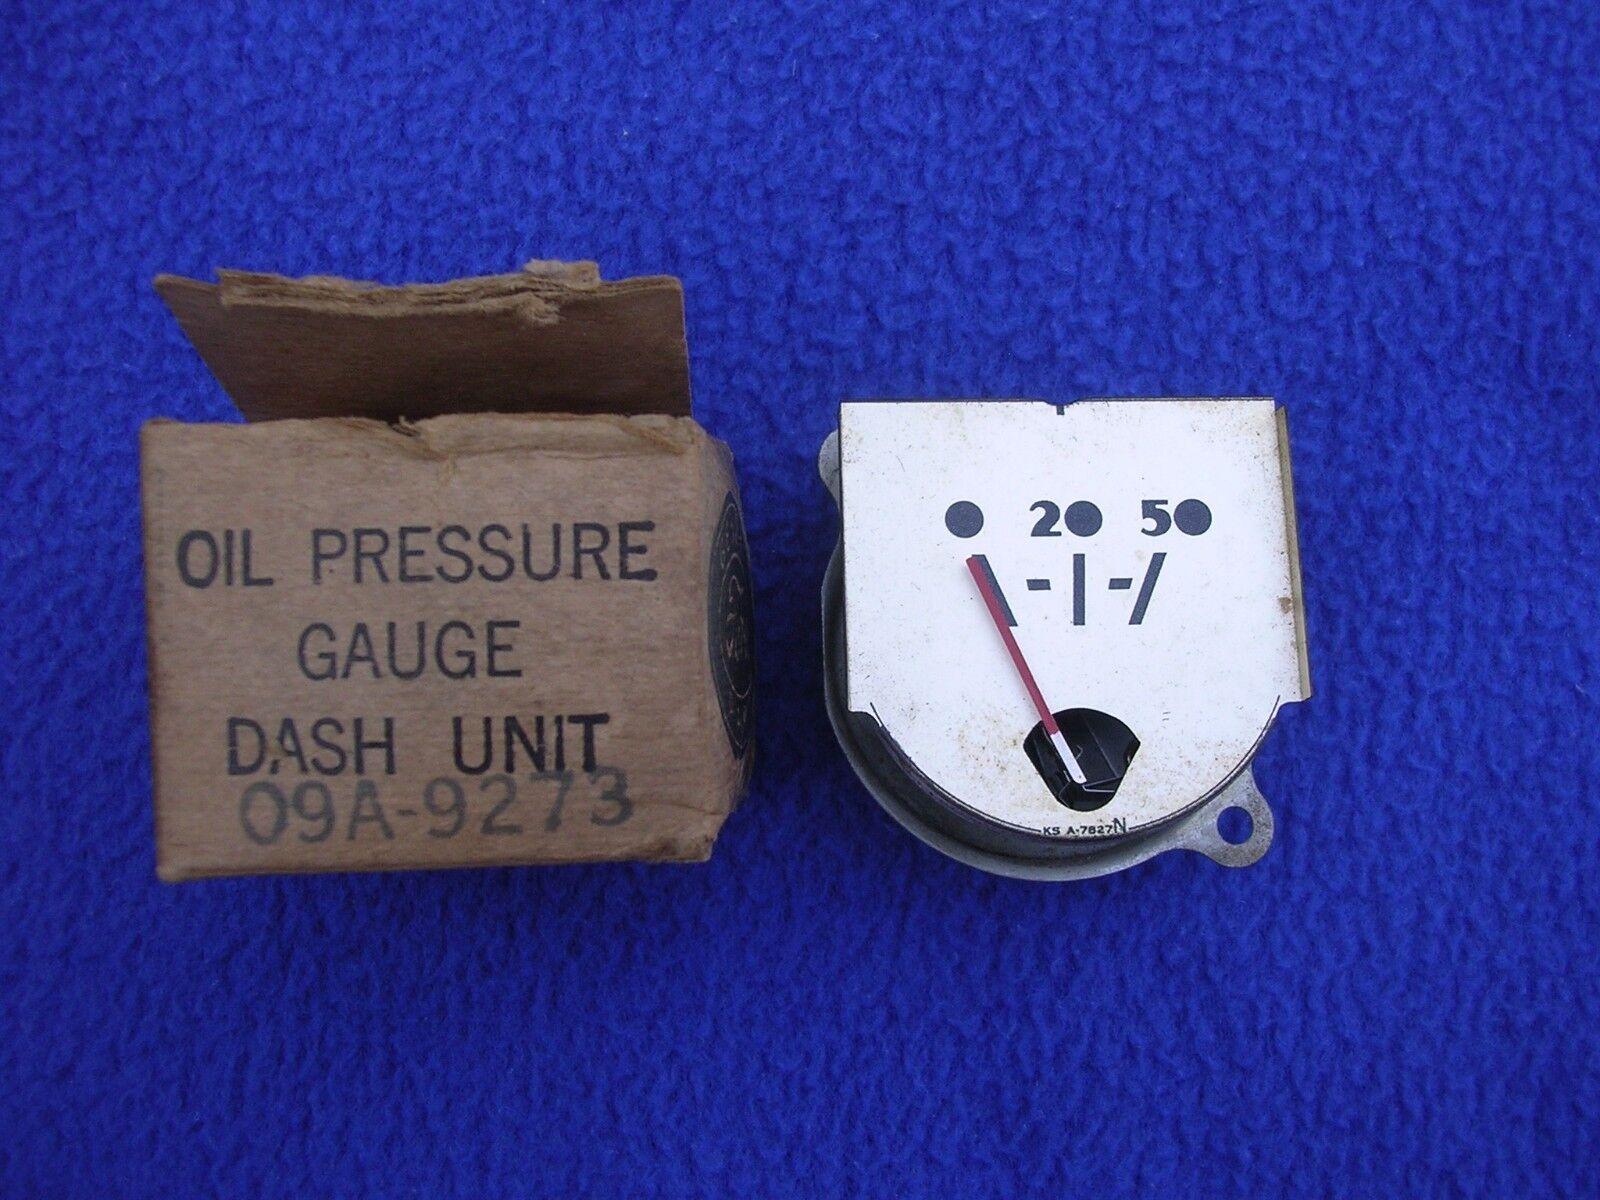 Vintage Antique Ford Motor Co NOS Oil Pressure Gauge 09A-9273 Gauge Original Box